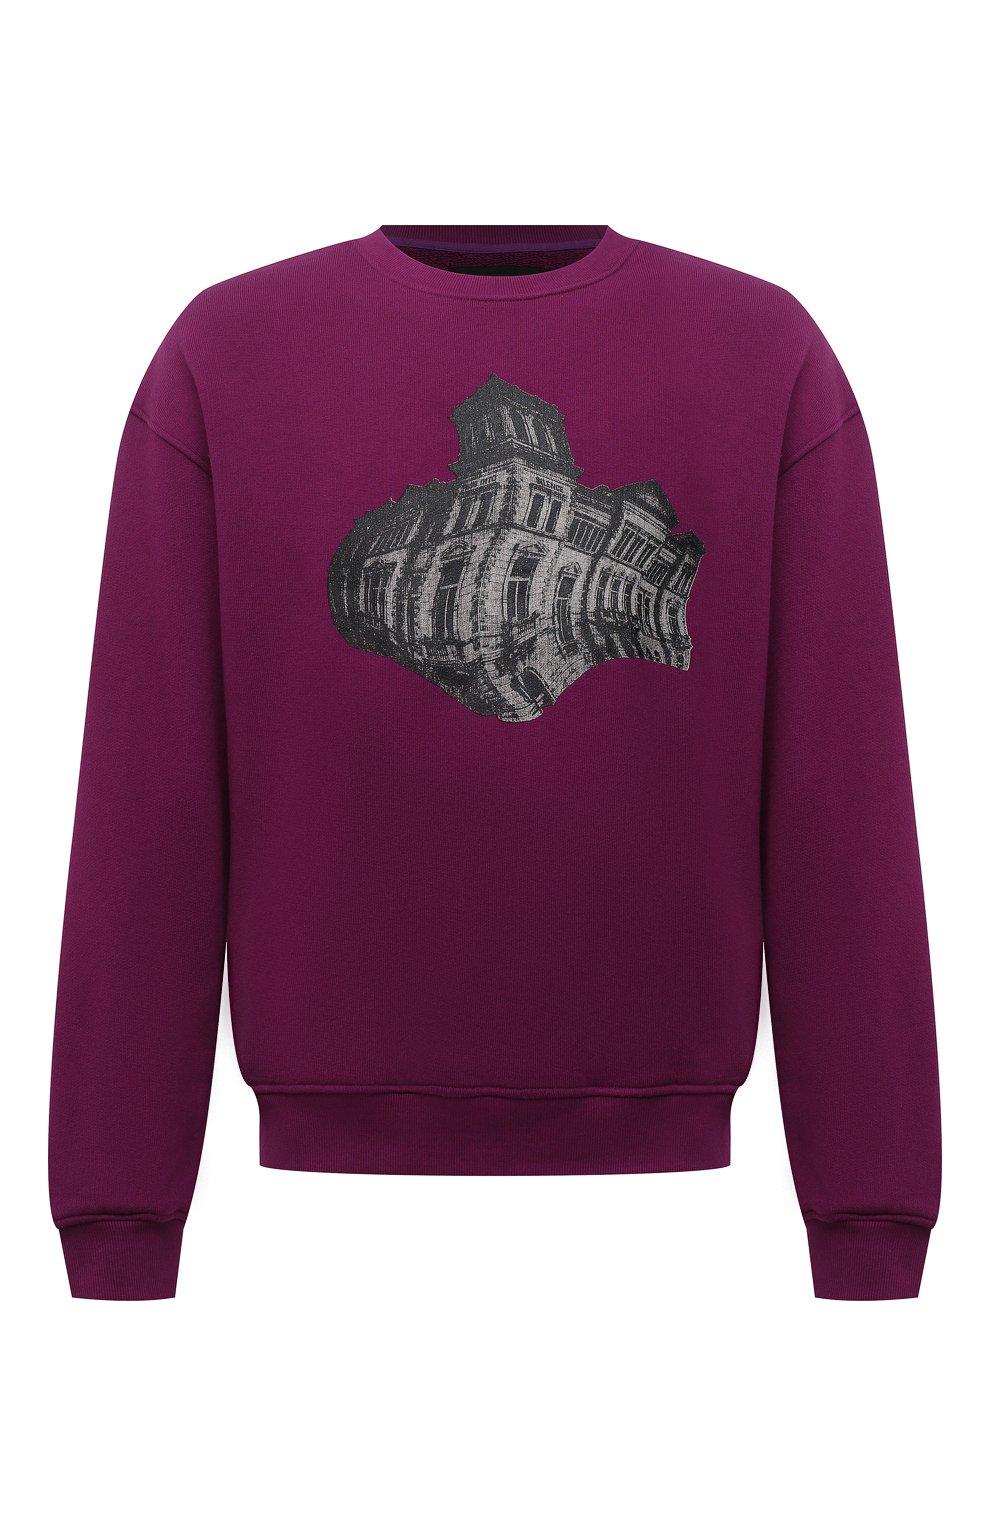 Мужской хлопковый свитшот TEE LIBRARY фиолетового цвета, арт. TFK-SW-27 | Фото 1 (Рукава: Длинные; Длина (для топов): Стандартные; Принт: С принтом; Мужское Кросс-КТ: свитшот-одежда; Материал внешний: Хлопок; Стили: Кэжуэл)